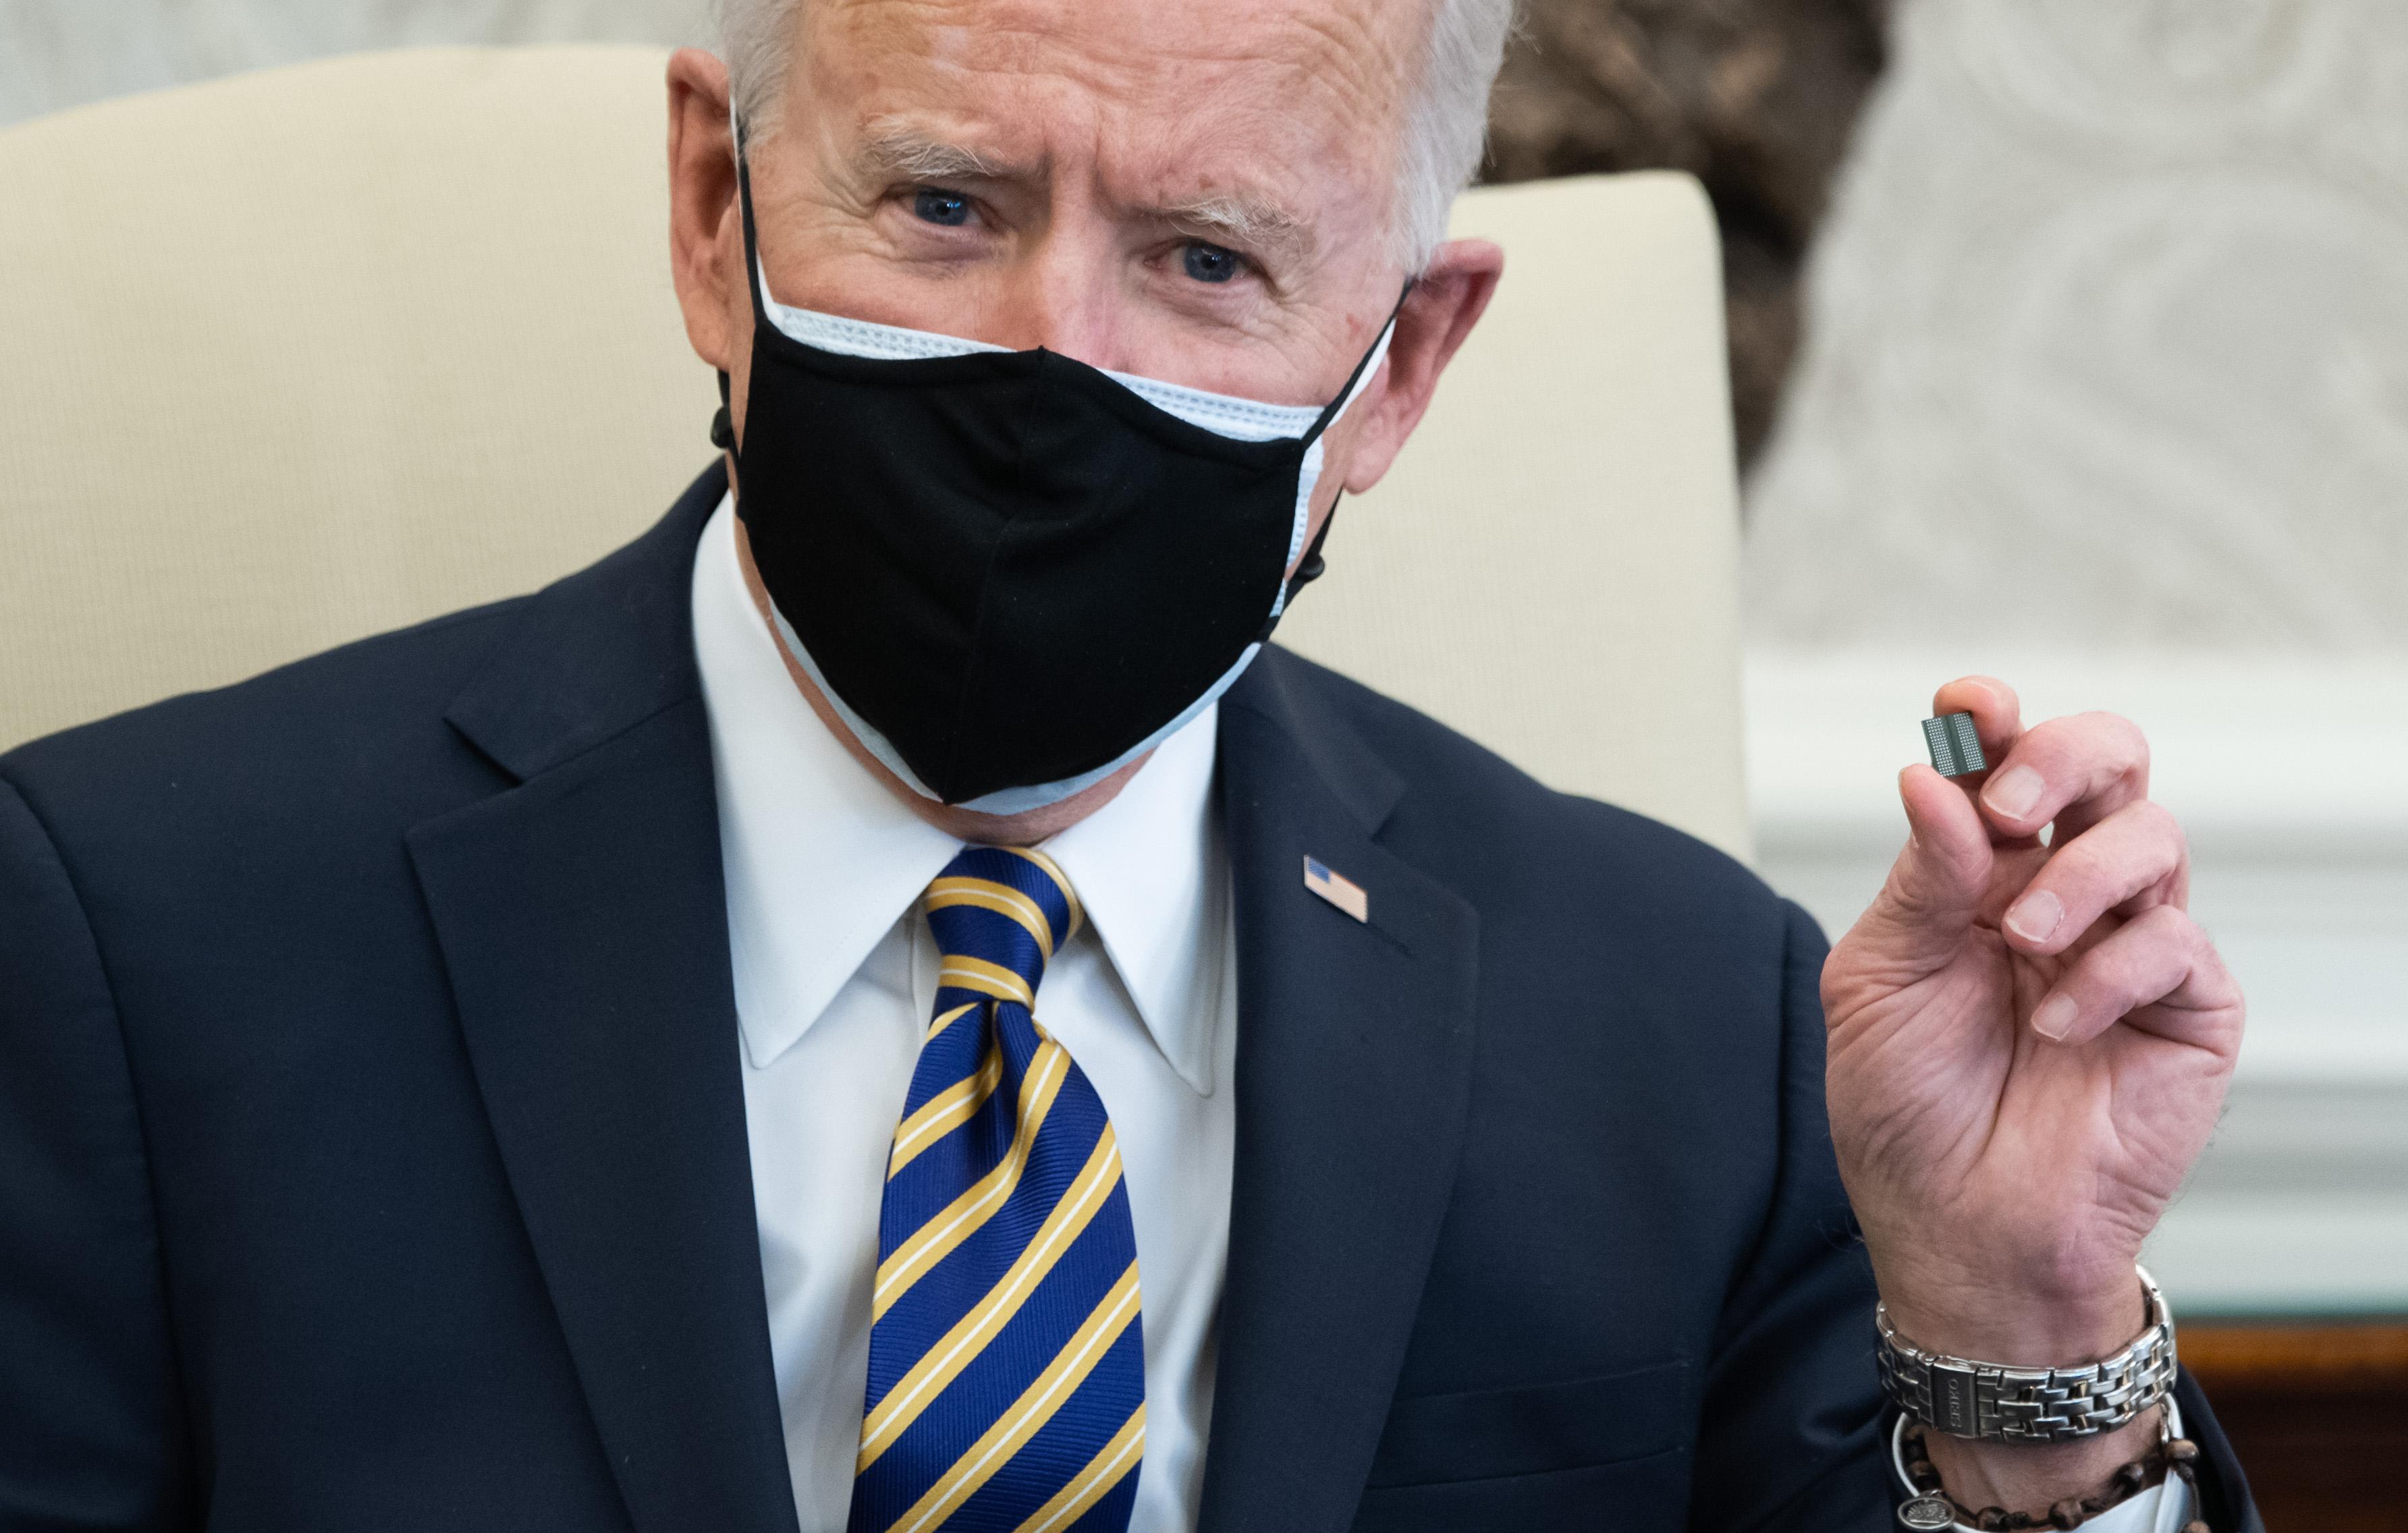 El presidente de los Estados Unidos, Joe Biden, sostiene un microchip mientras habla durante una reunión con miembros de la Cámara y el Senado sobre interrupciones en la cadena de suministro debido al coronavirus en la Oficina Oval de la Casa Blanca